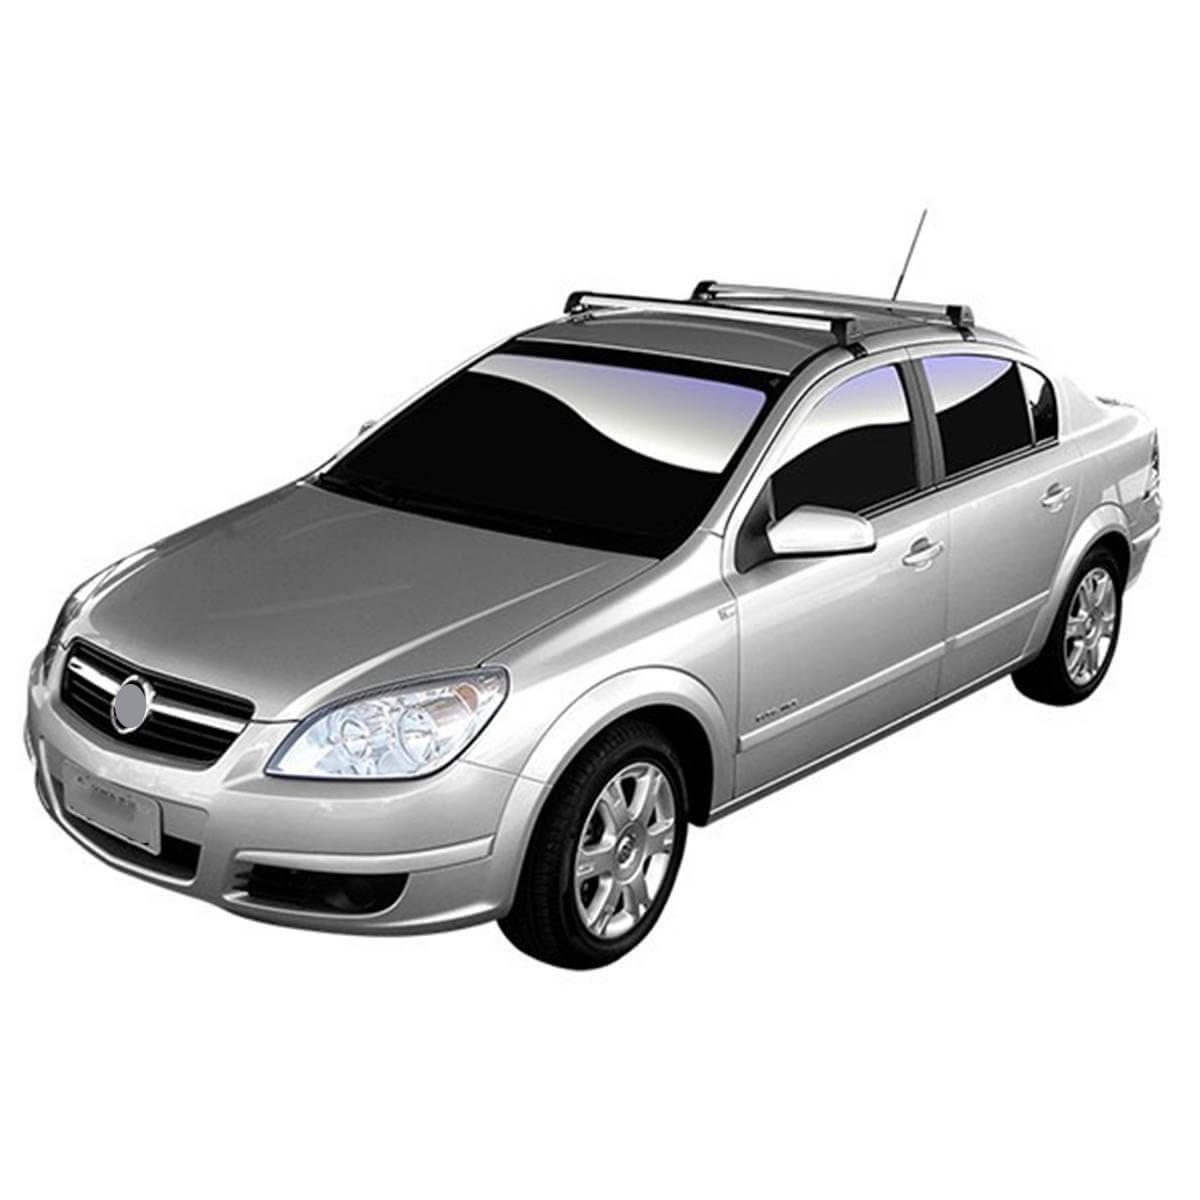 Rack de teto Long Life Sports Vectra Sedan 2006 a 2011